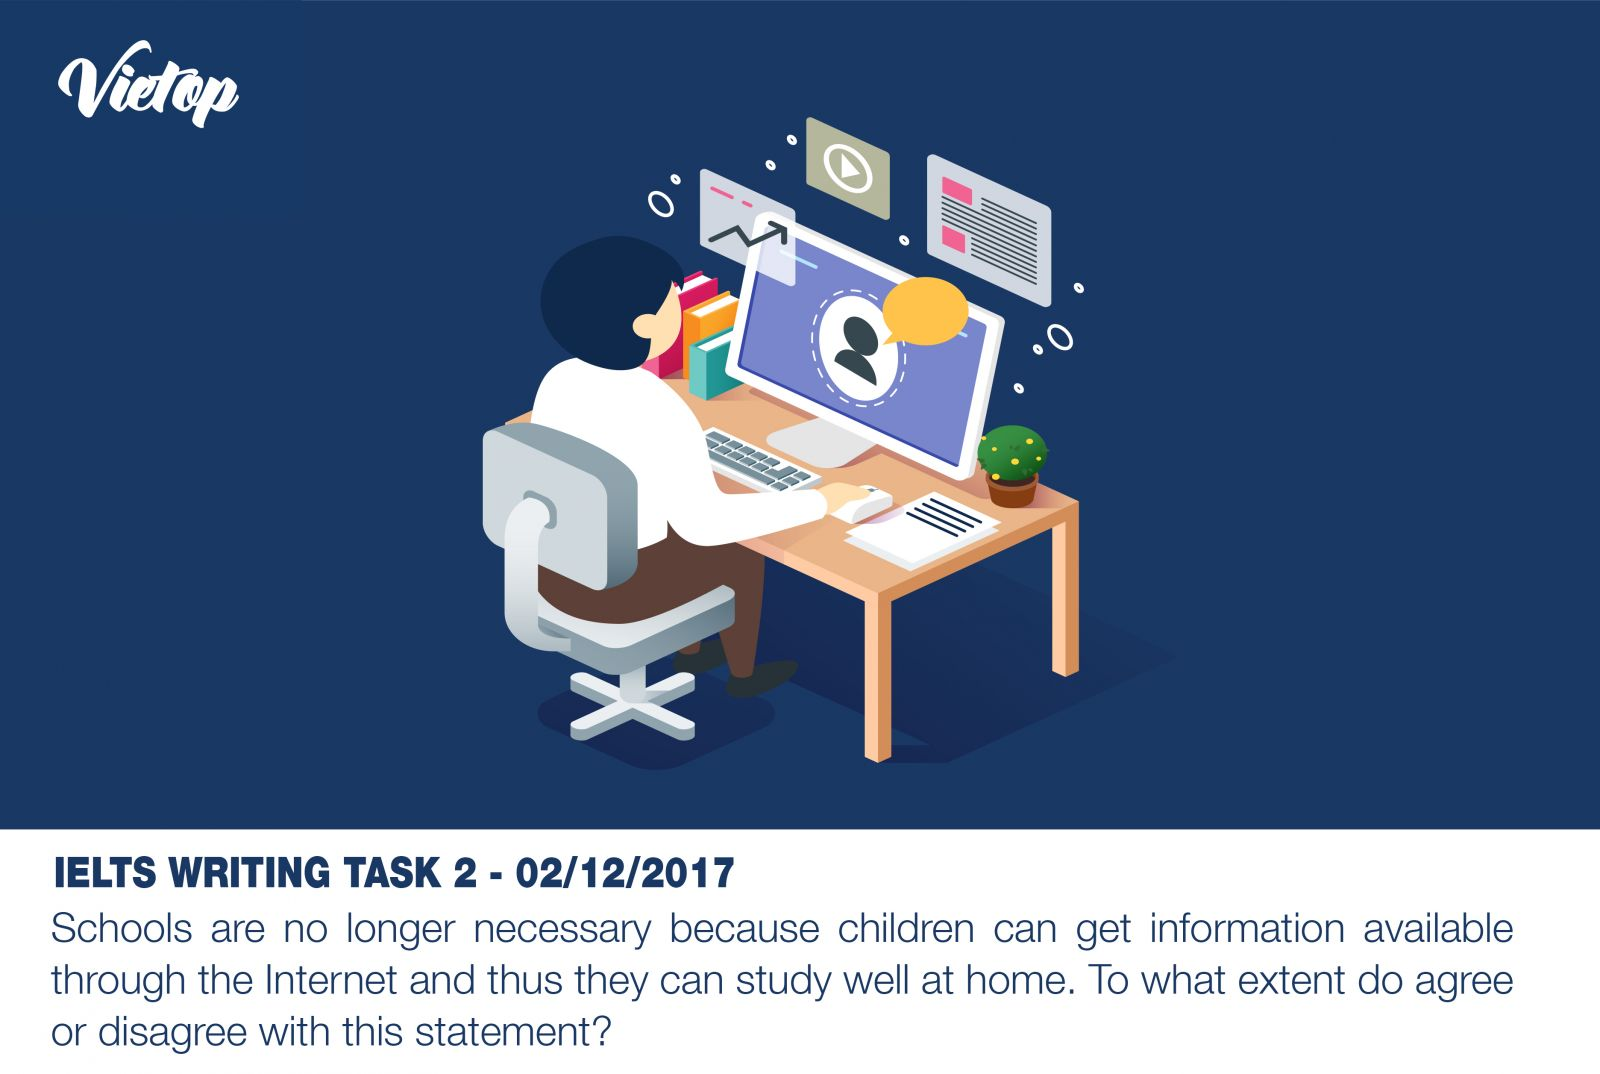 Đề thi Writing Task 2 Sample Essay ngày 02/12/2017